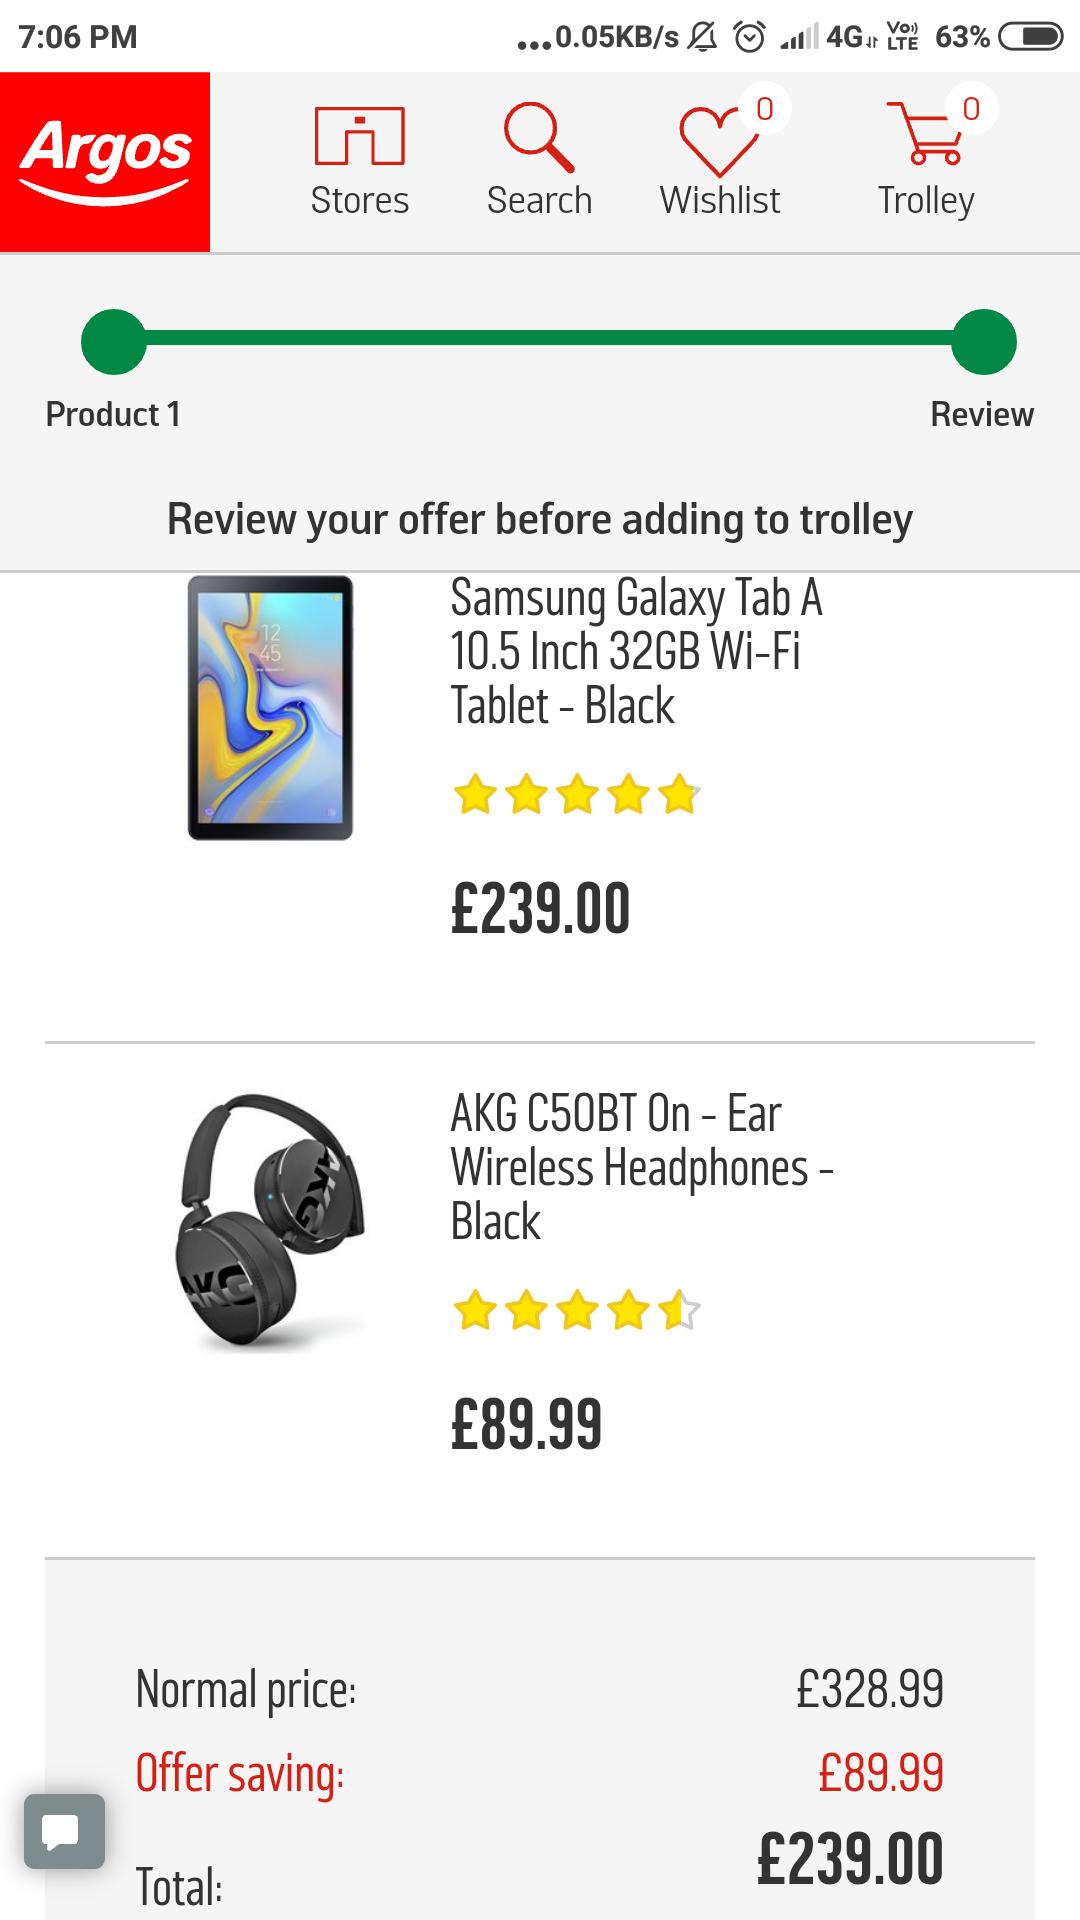 Samsung galaxy tab a 10.5 free AKG C50BT headphones £239 @ Argos